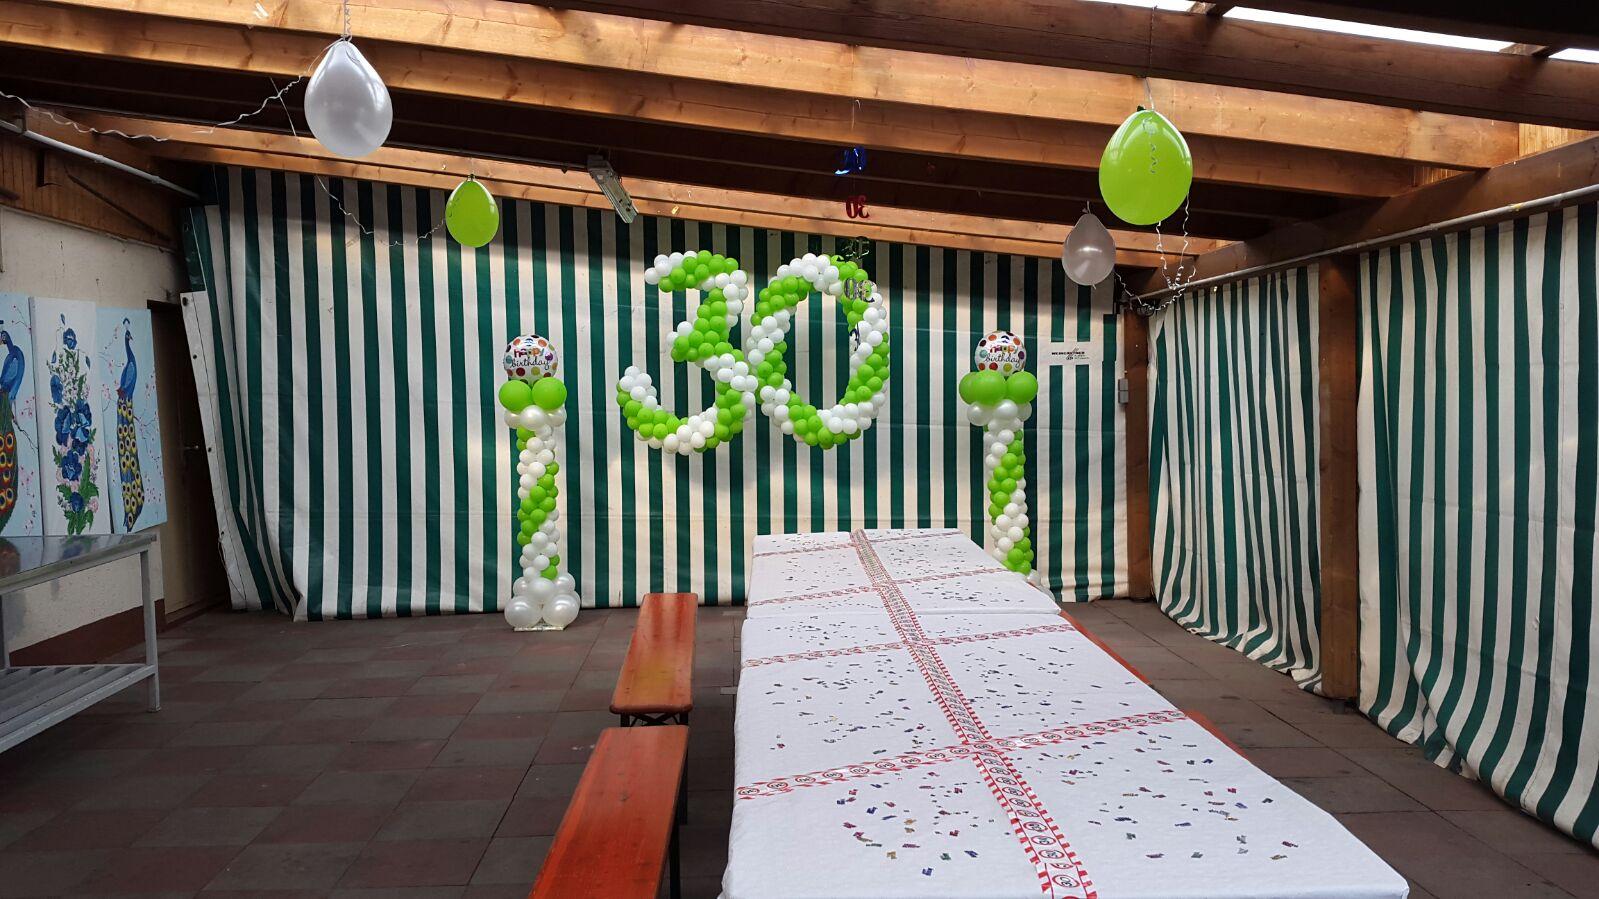 zahlen luftballon 16